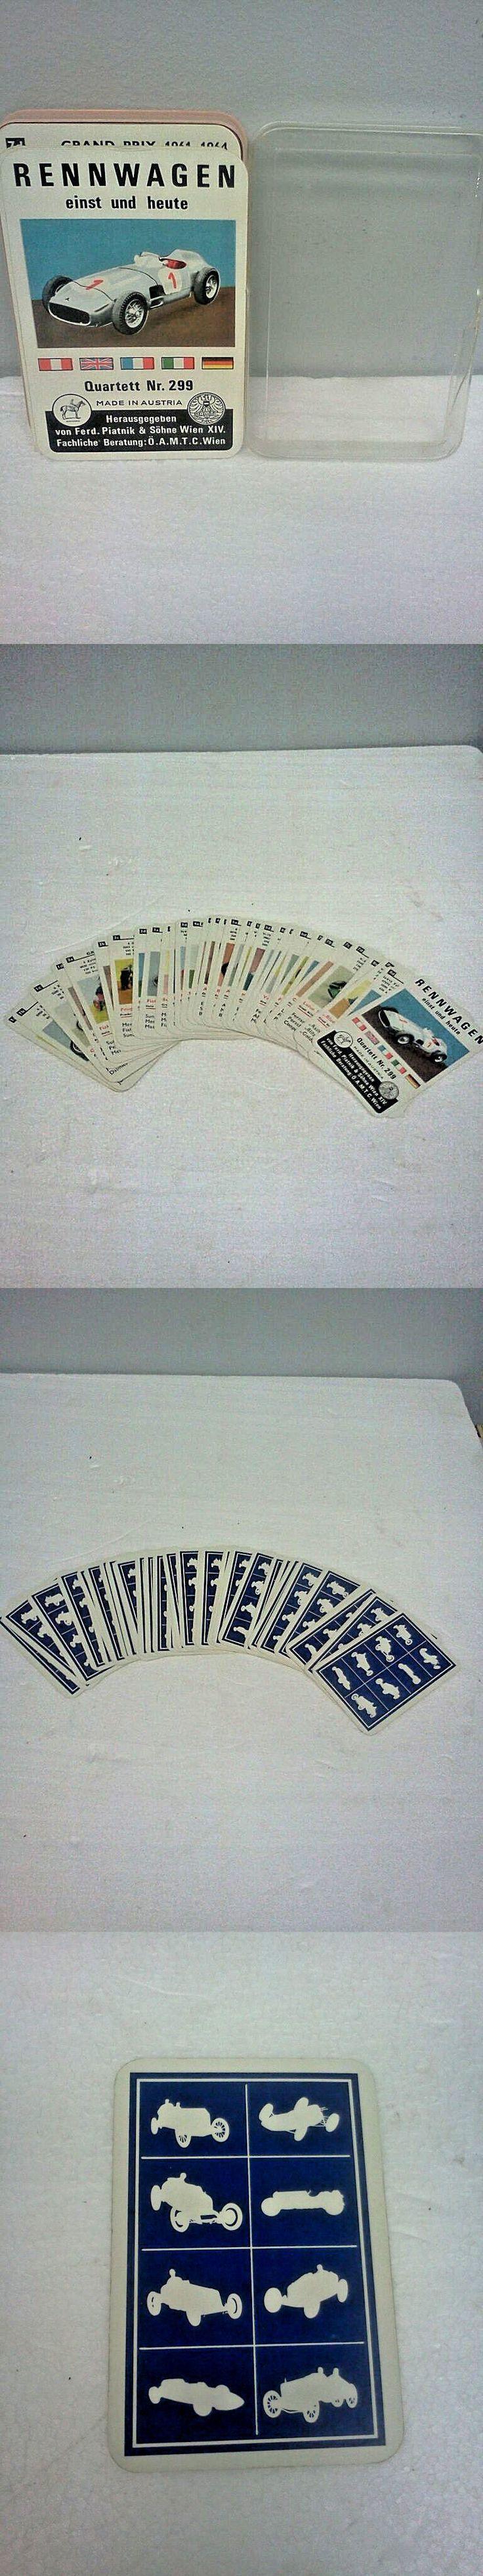 Card Games 165968: Vtg Einst Und Heute Quartett Nr.299 Racing Cards Austria Ferd.Piatnik And Sohne -> BUY IT NOW ONLY: $74.95 on eBay!